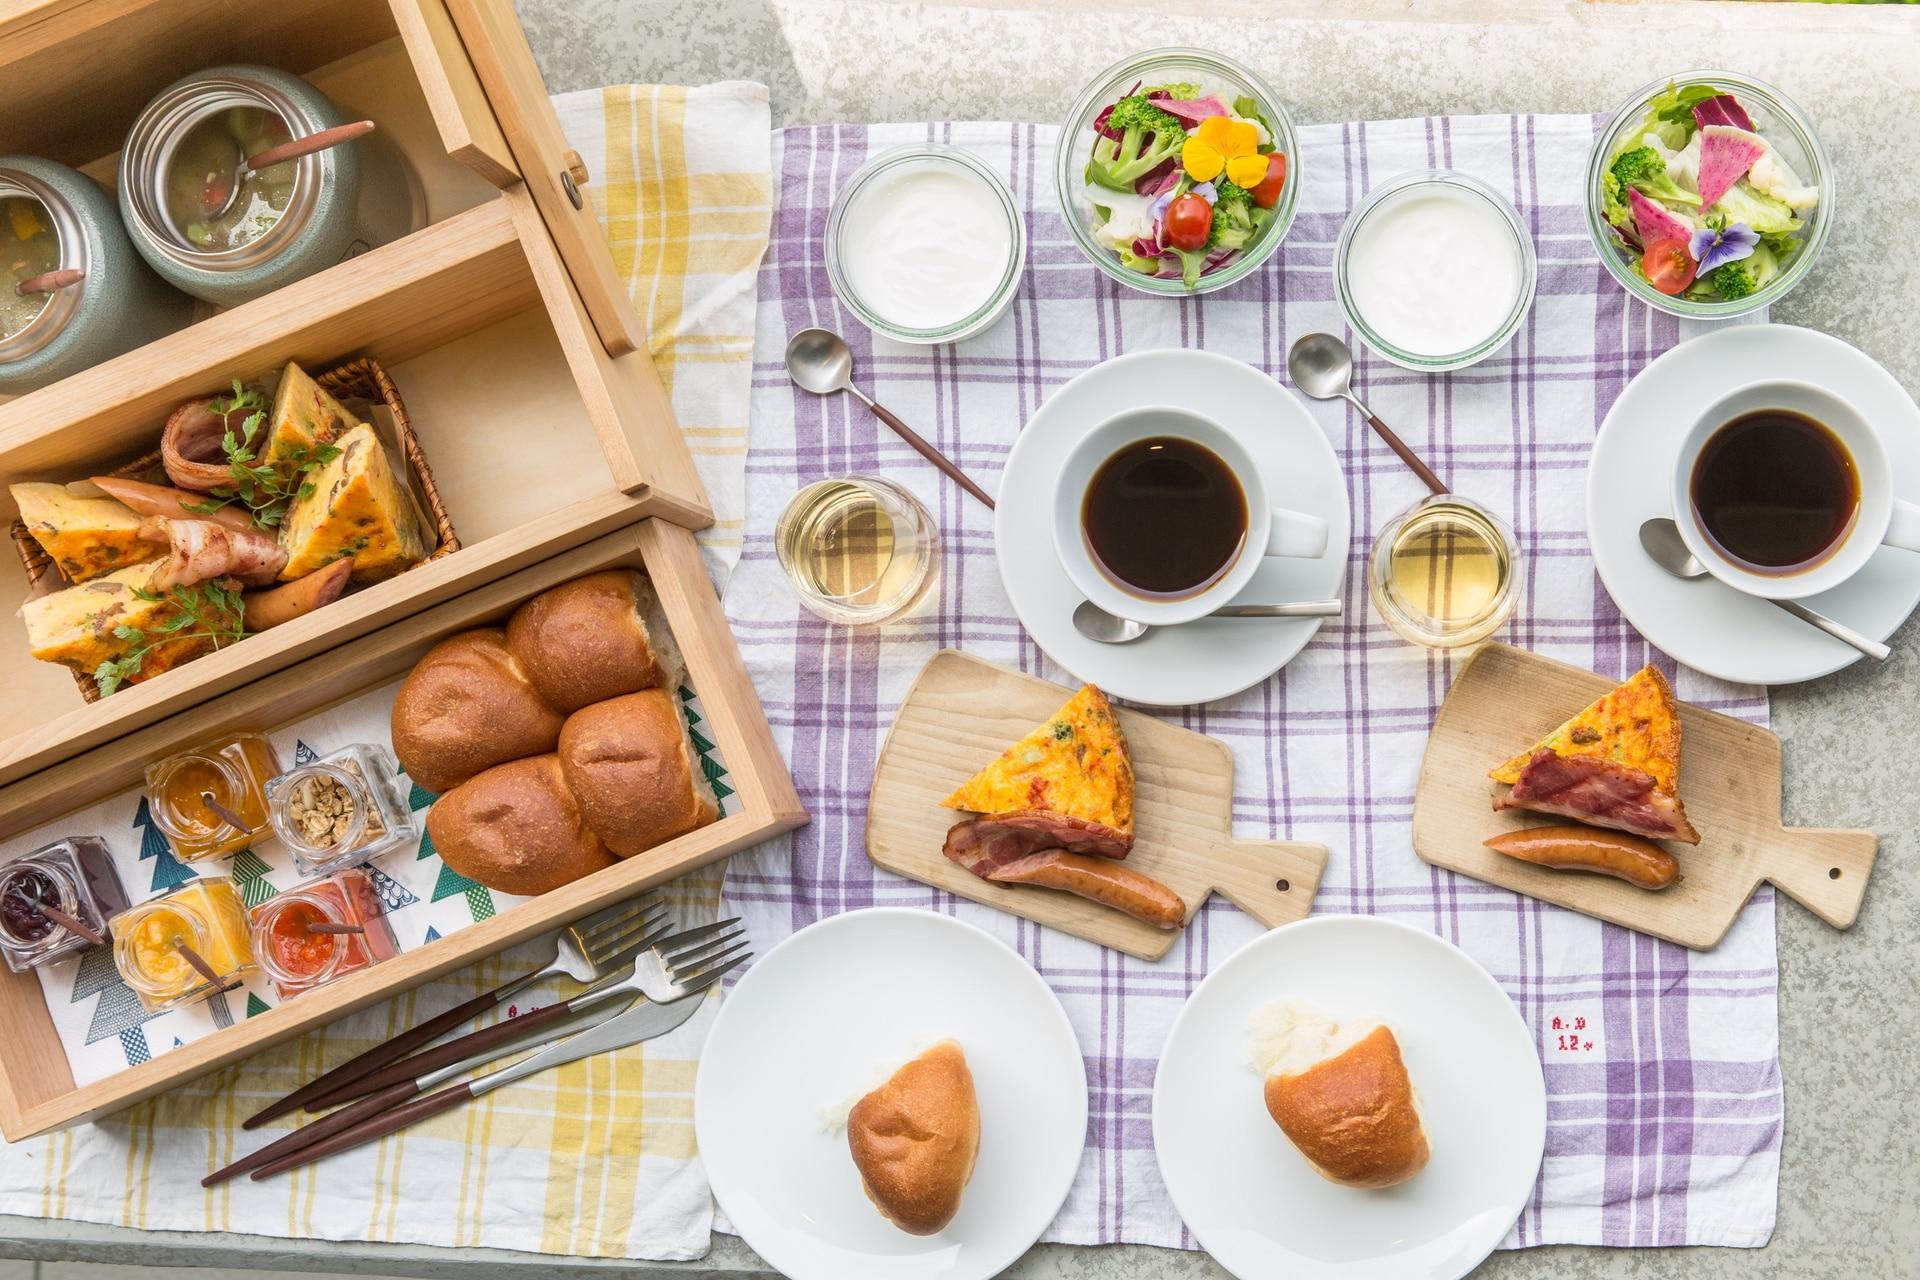 El desayuno servido en la terraza, plagado de tentaciones prolijamente ordenadas.